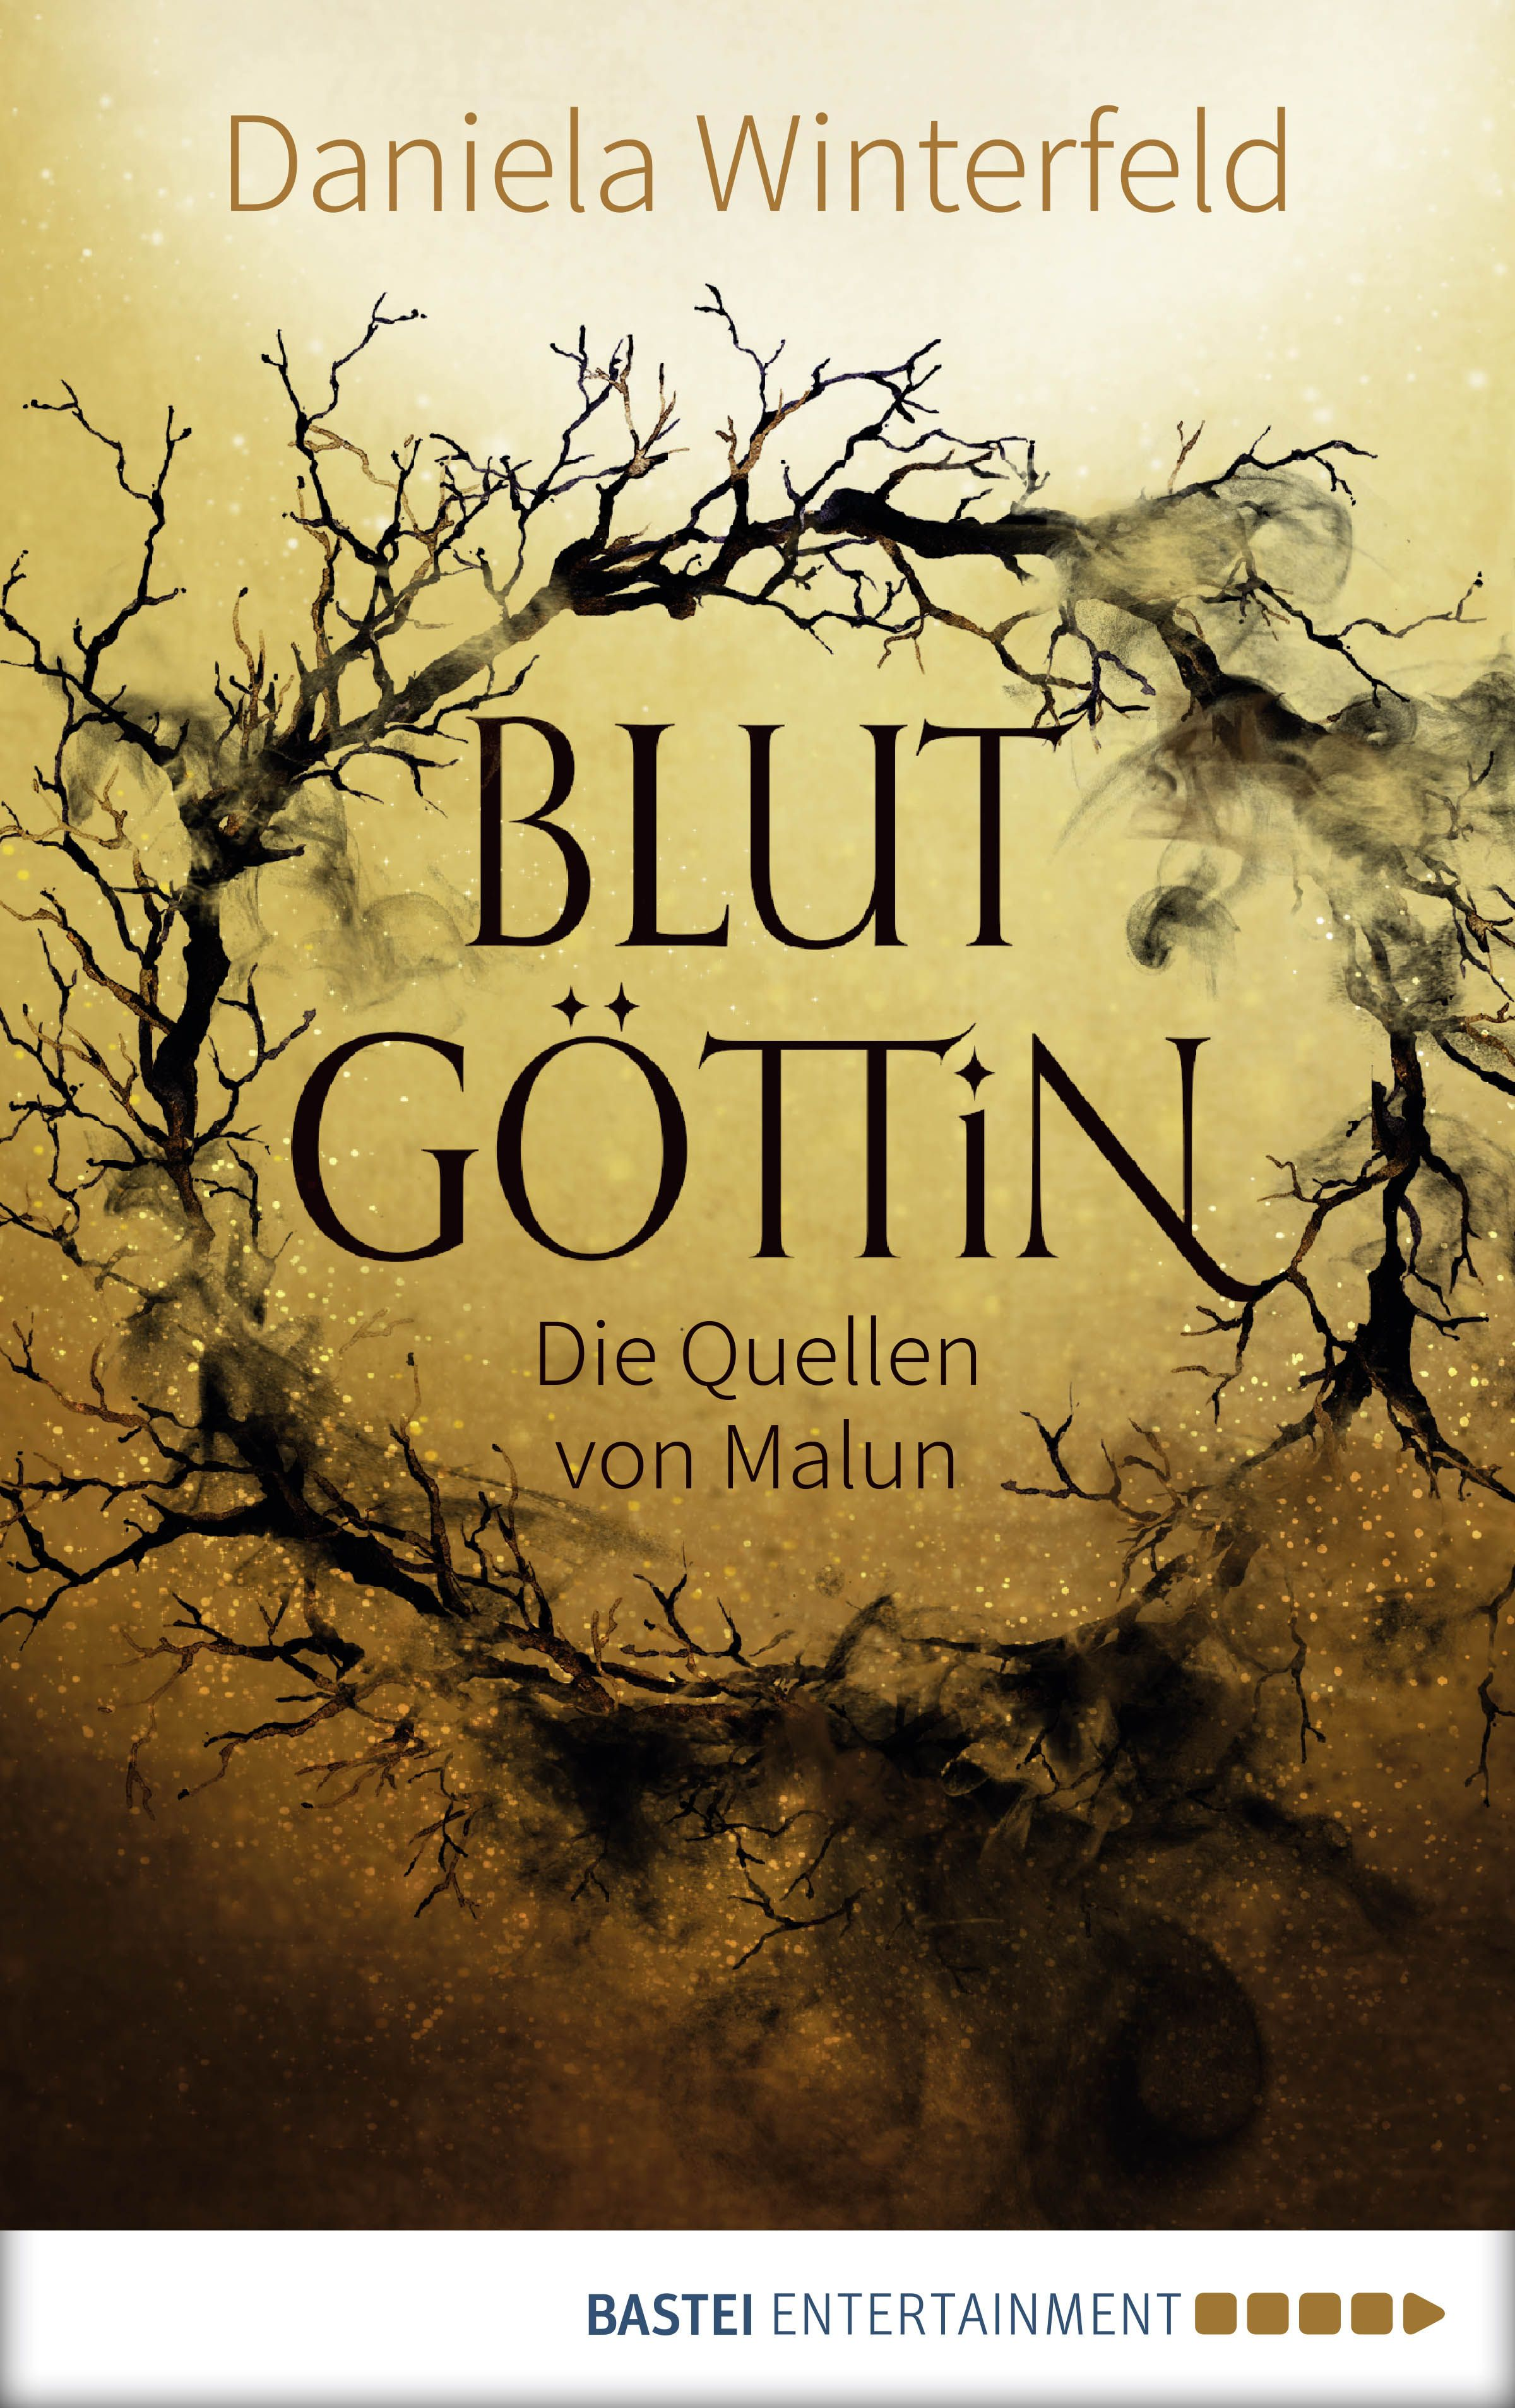 winterfeld_daniela_blutgoettin_die_quellen_von_mauln_phantastik-autoren-netzwerk.jpg